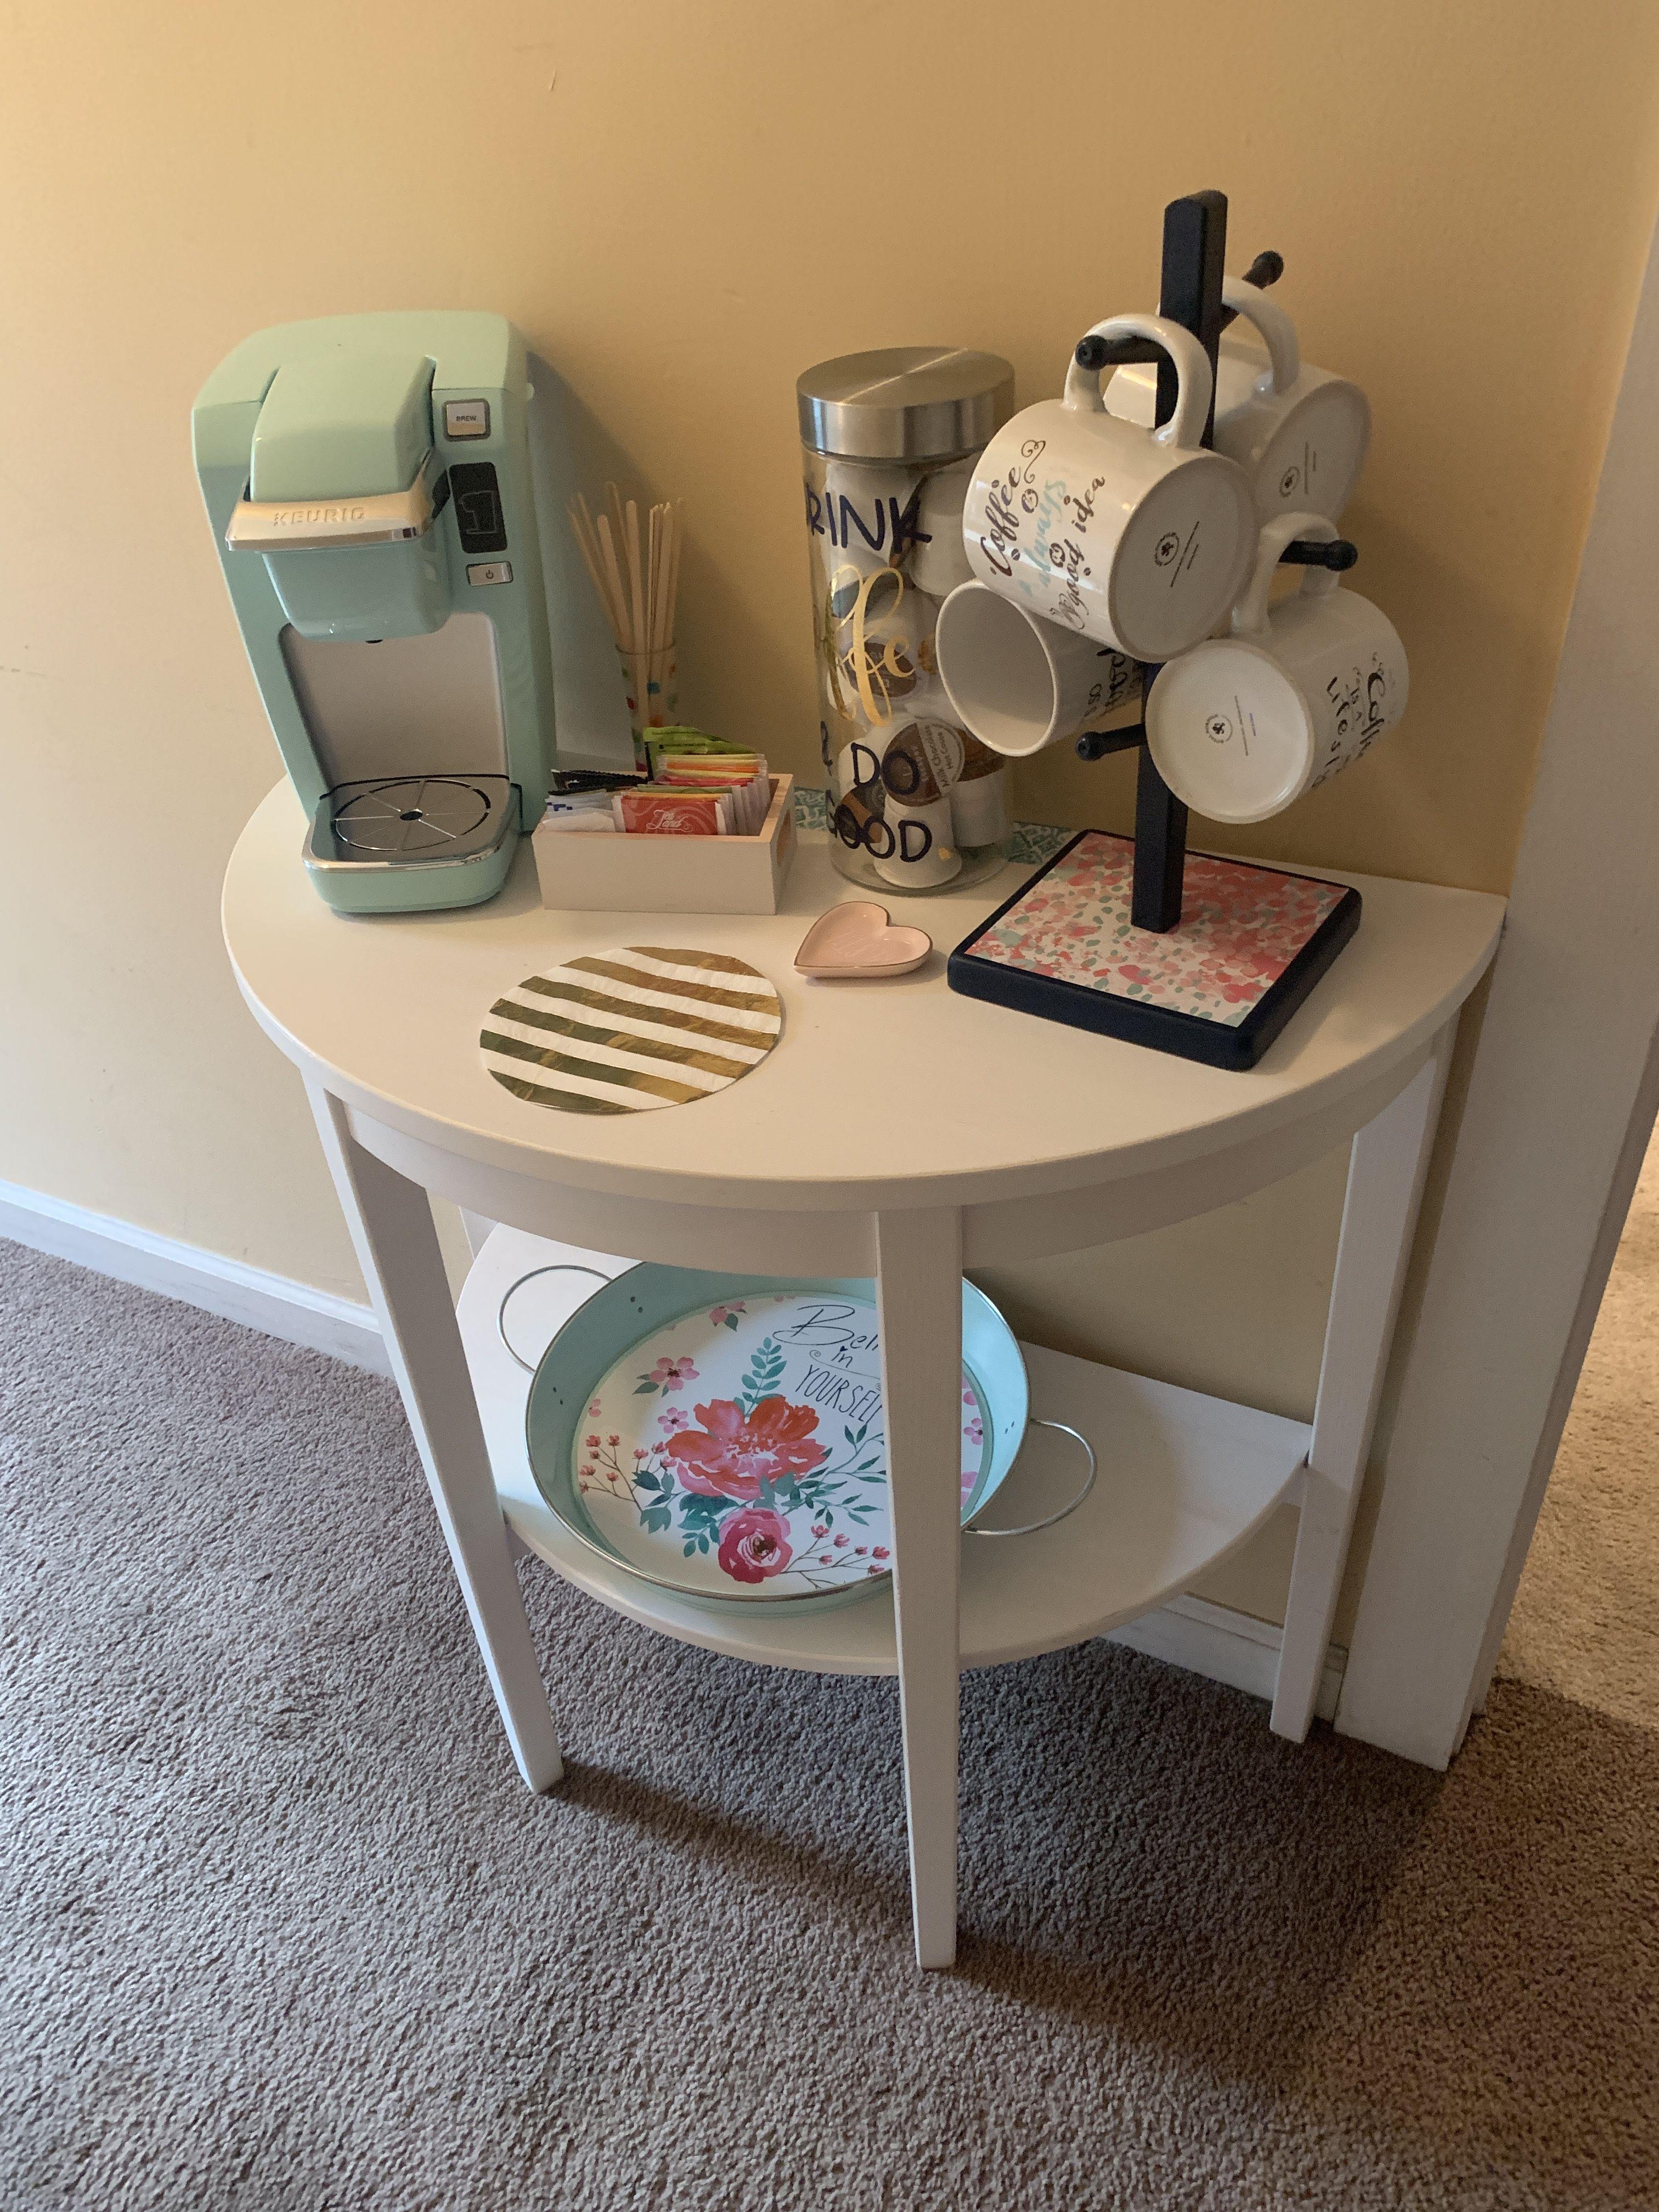 Coffee Corner Teal Keurig Office Coffee Ikea Table Coffee Bar Home Coffee Corner Office Coffee